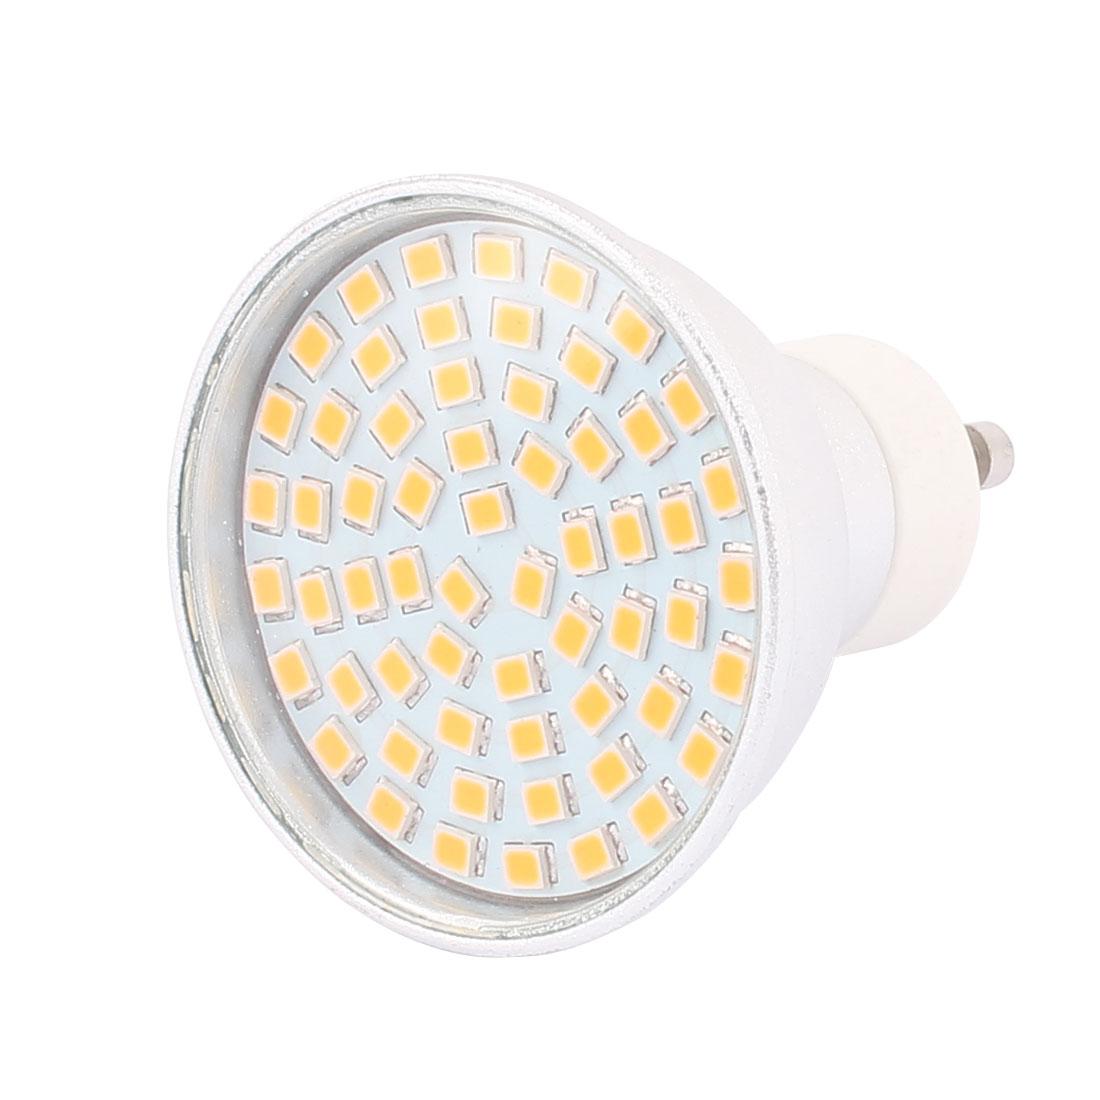 220V-240V GU10 LED Light 6W 2835 SMD 60 LEDs Spotlight Down Lamp Energy Save Pure White